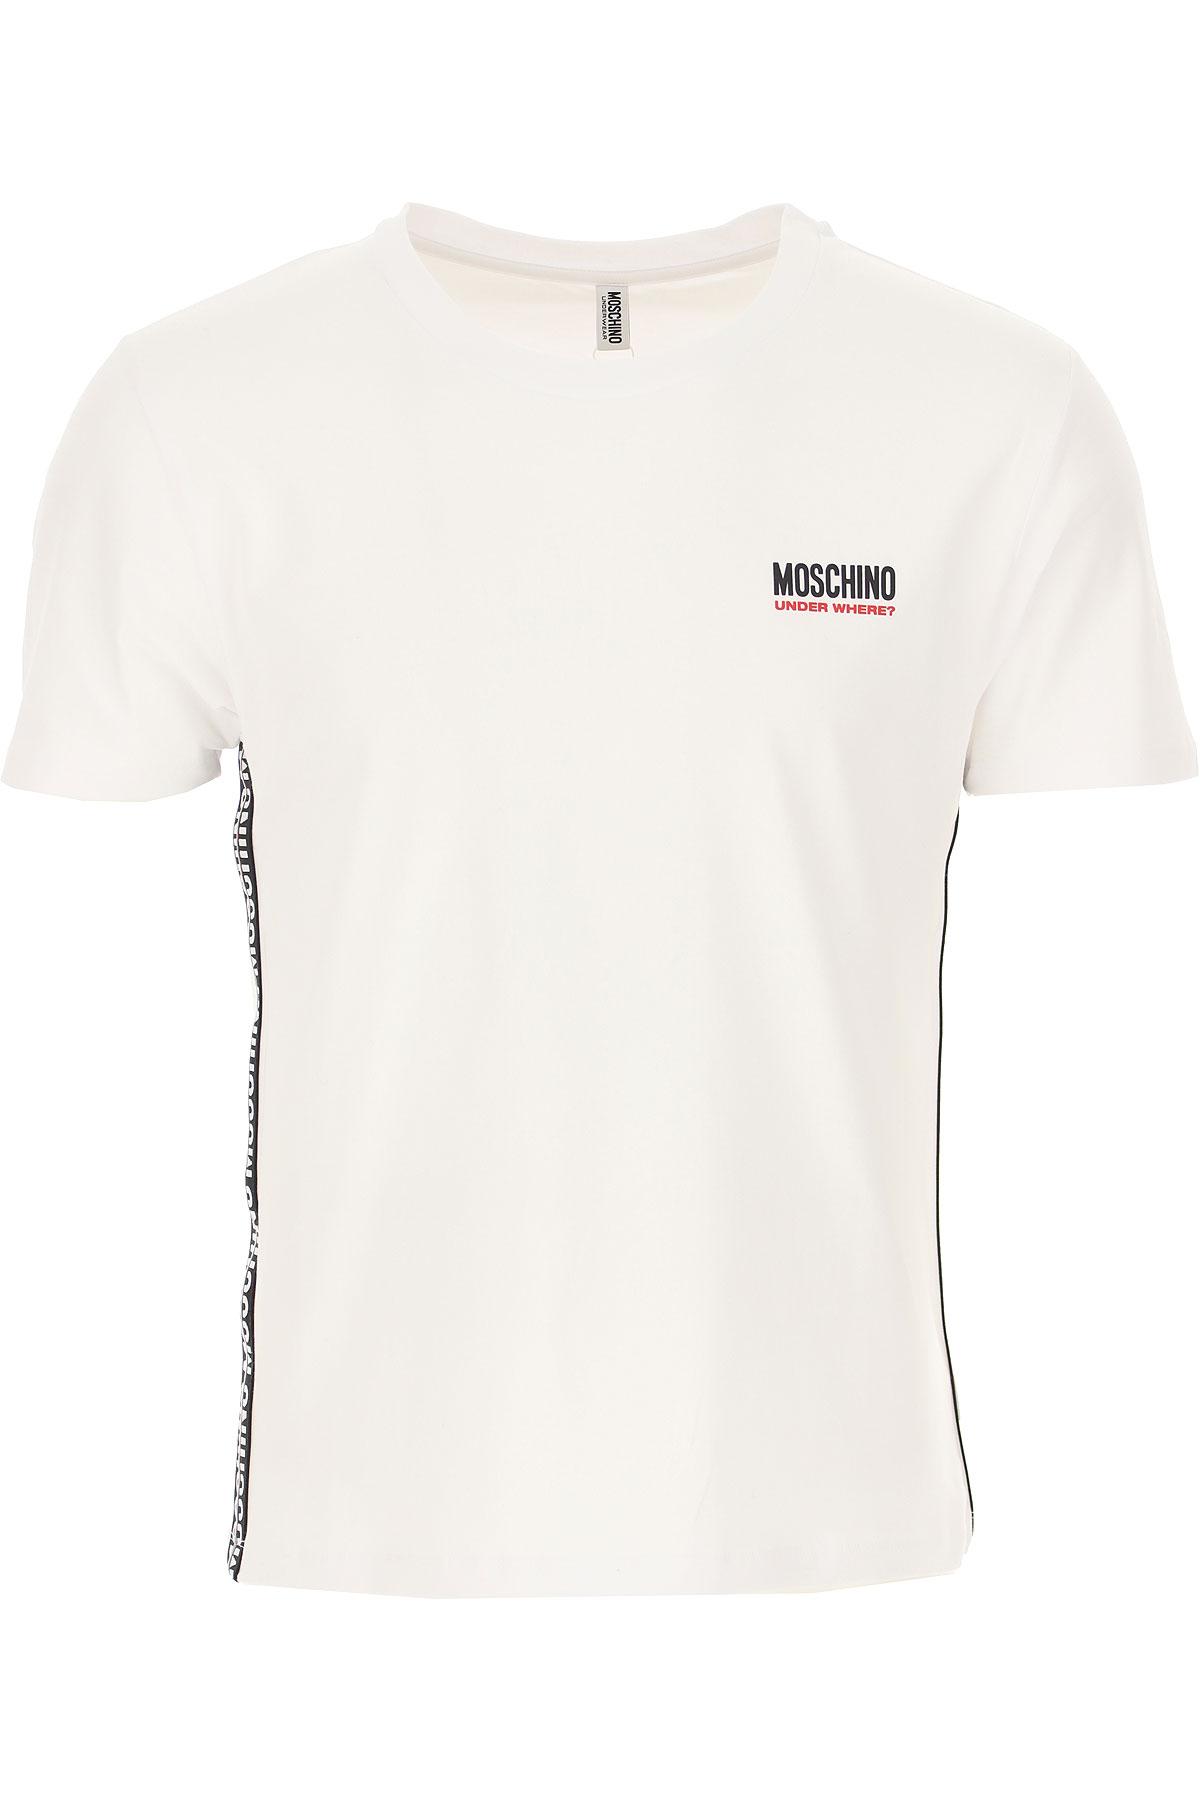 Moschino T-shirt Homme Pas cher en Soldes, Blanc, Coton, 2021, L M XL